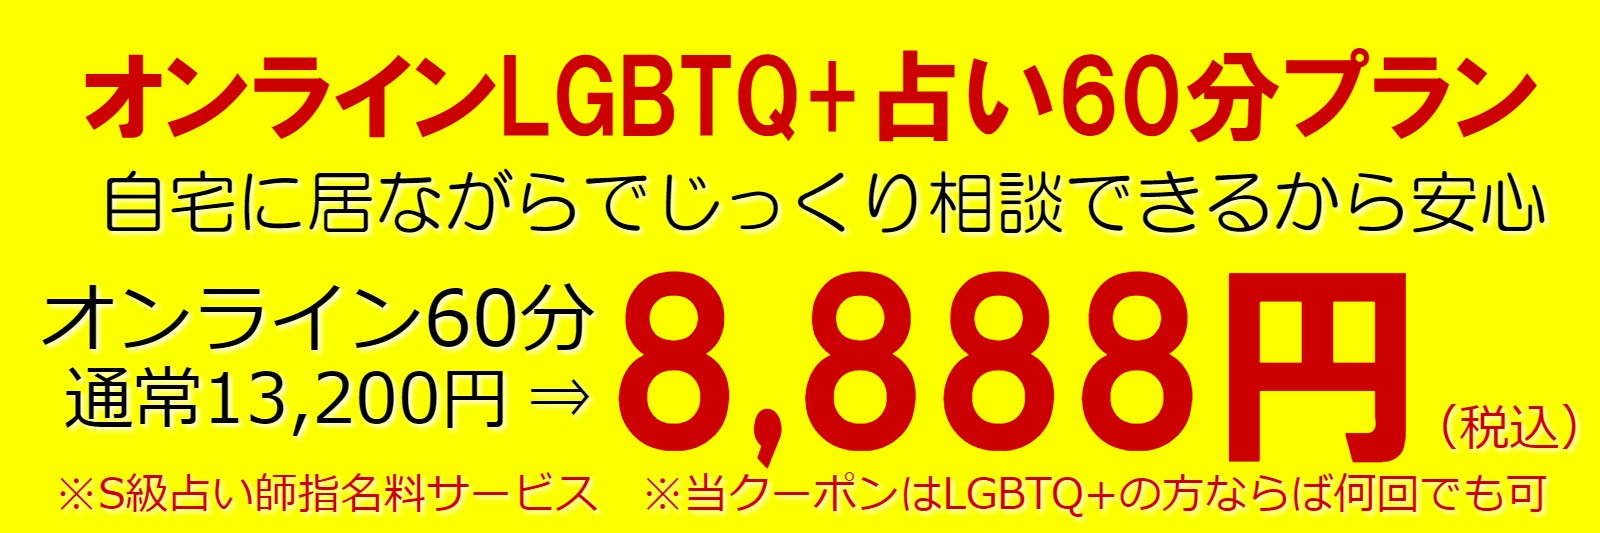 LGBTQ+(同性愛・性同一性障害・両性愛)の方の恋愛・結婚・仕事・人間関係などのご相談は、オンライン占い(リモート占い)の占い館BCAFE(ビーカフェ)にお任せください。